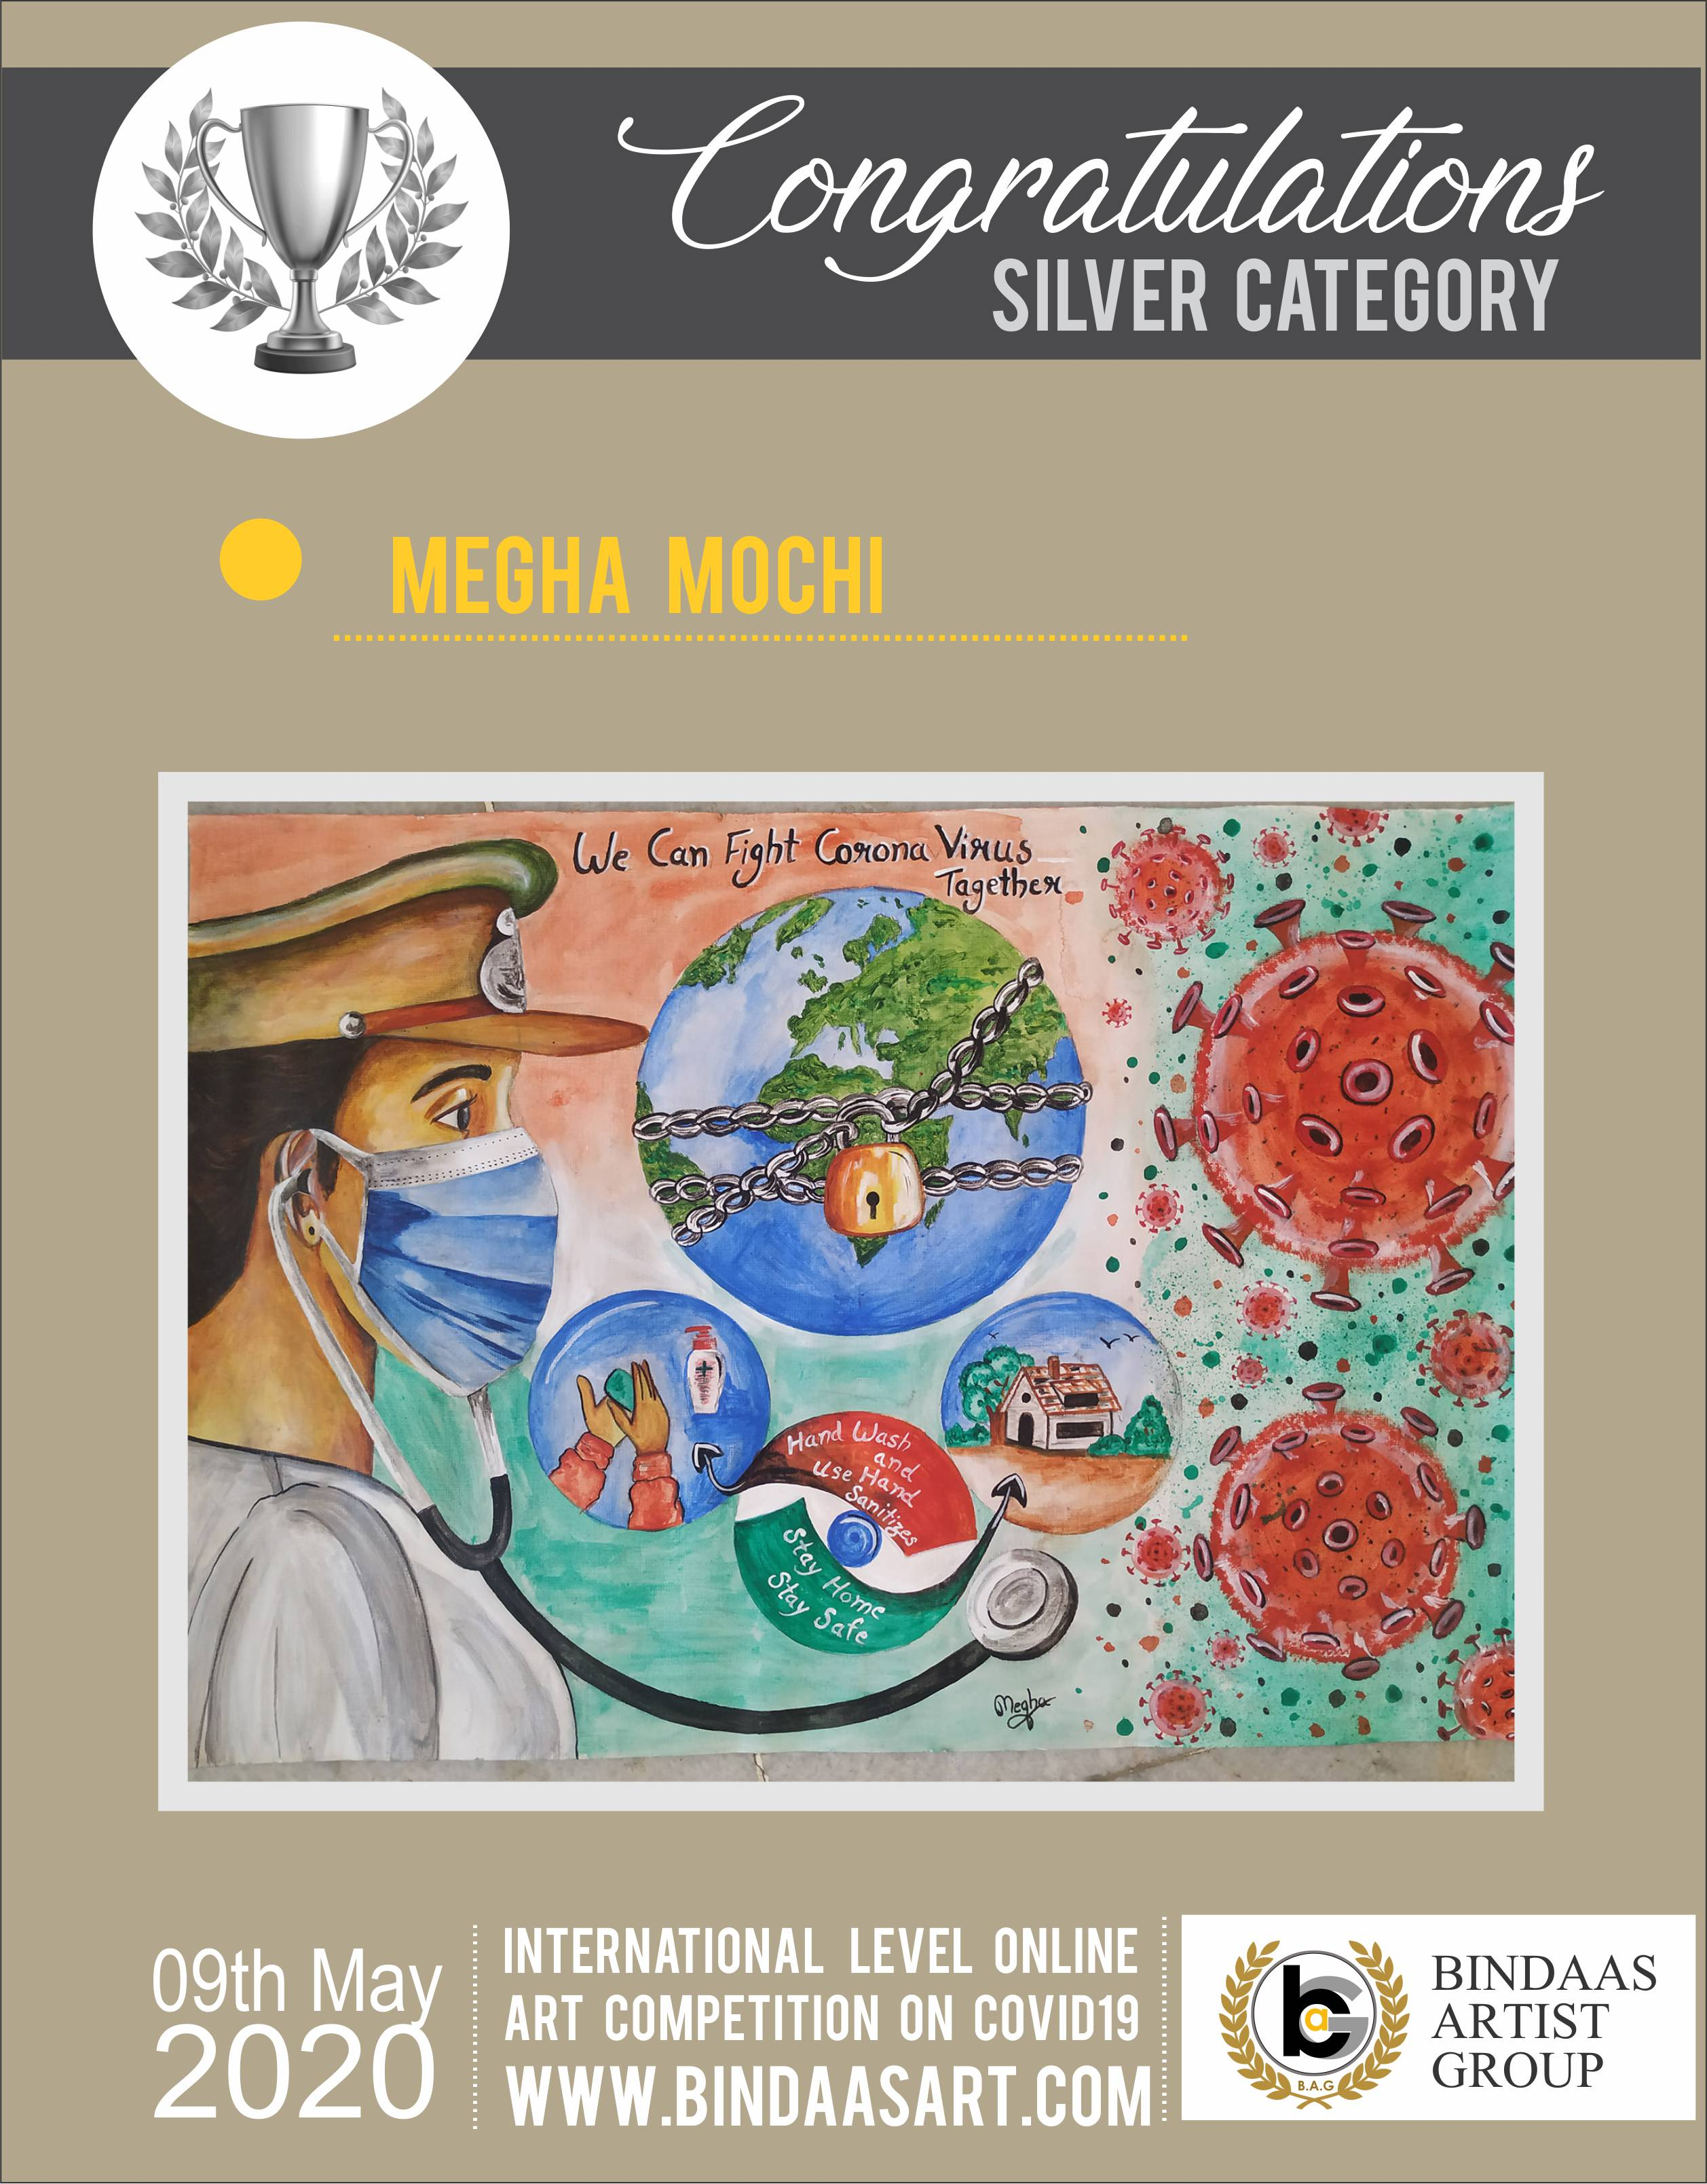 Megha mochi